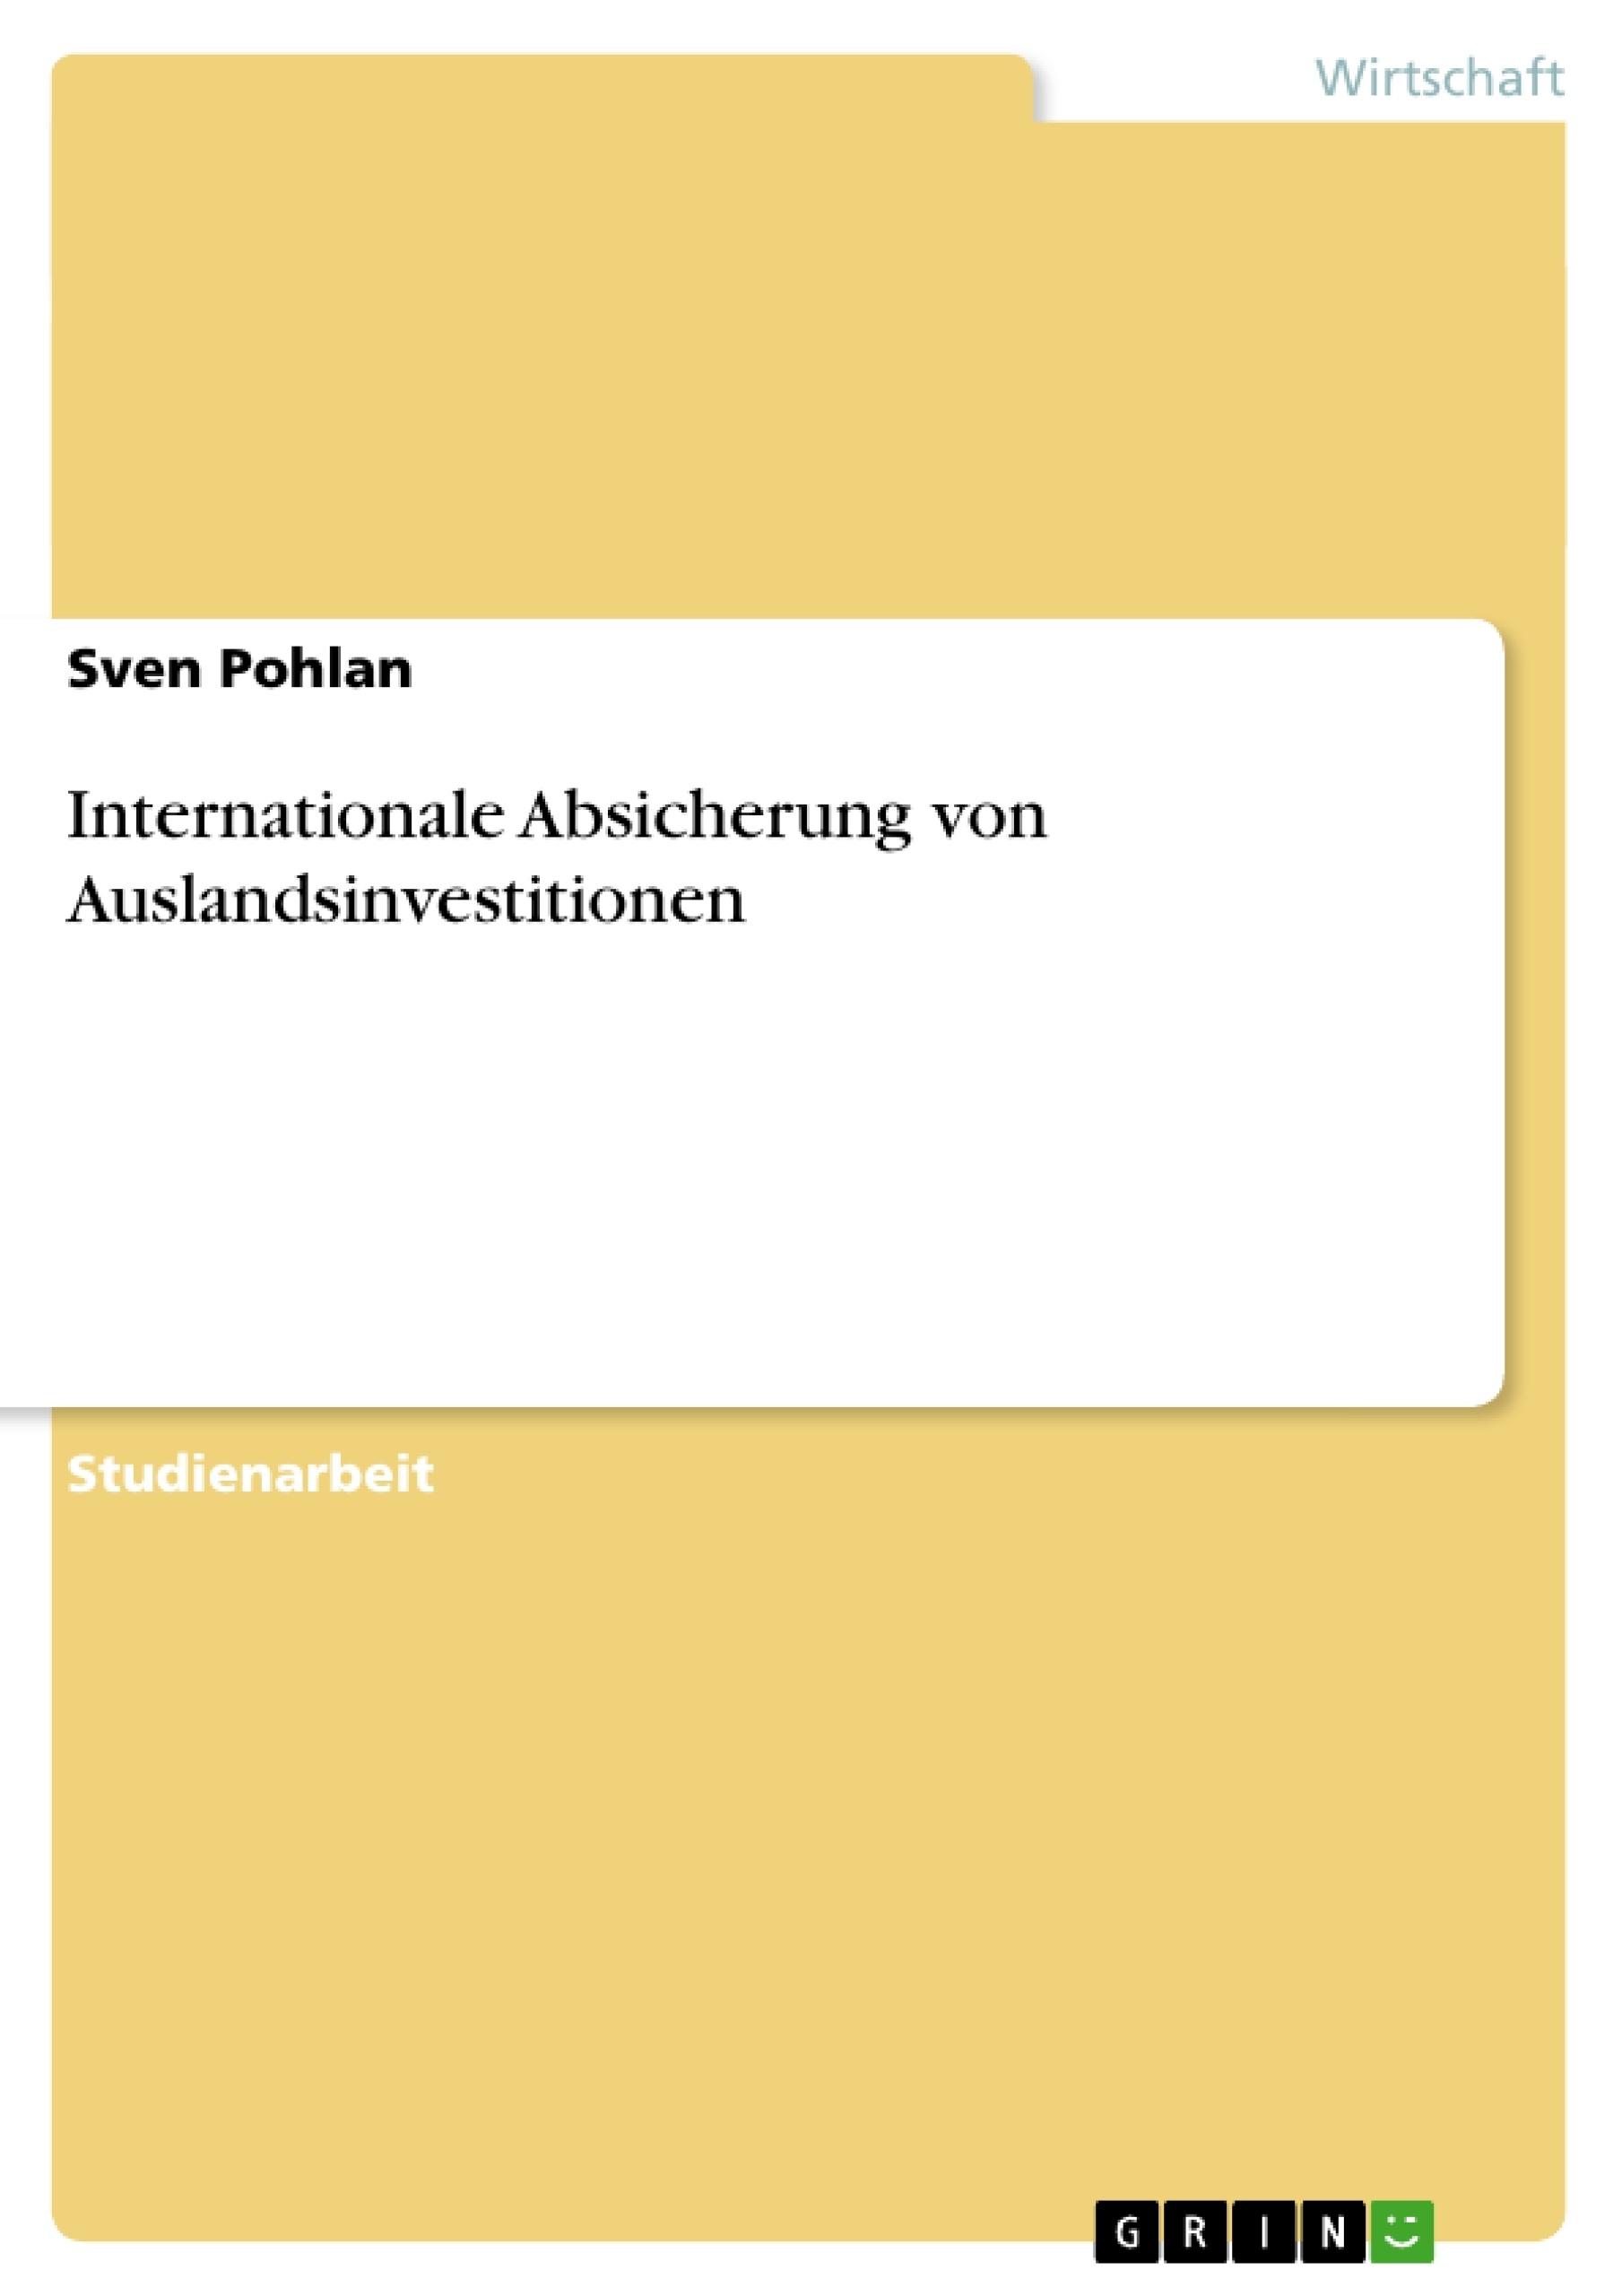 Titel: Internationale Absicherung von Auslandsinvestitionen